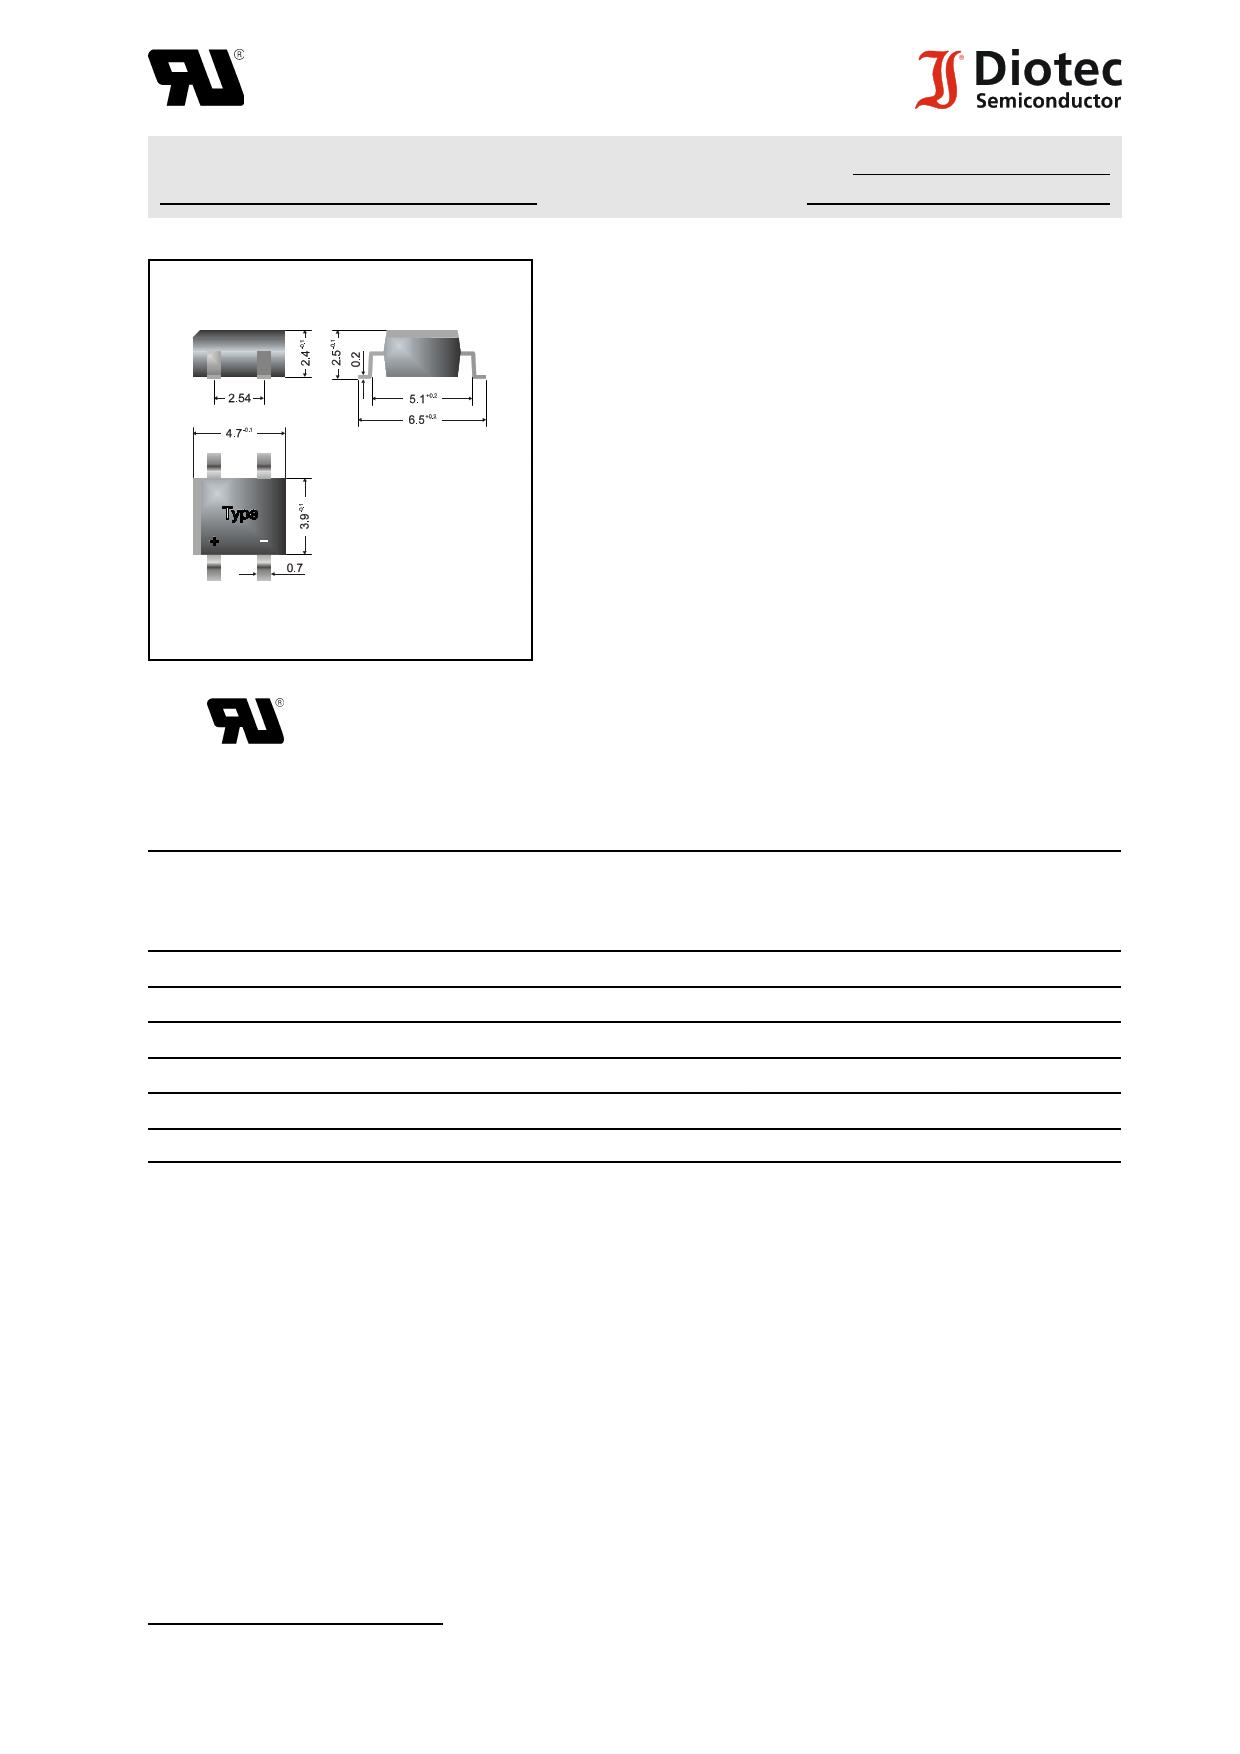 S80 datasheet